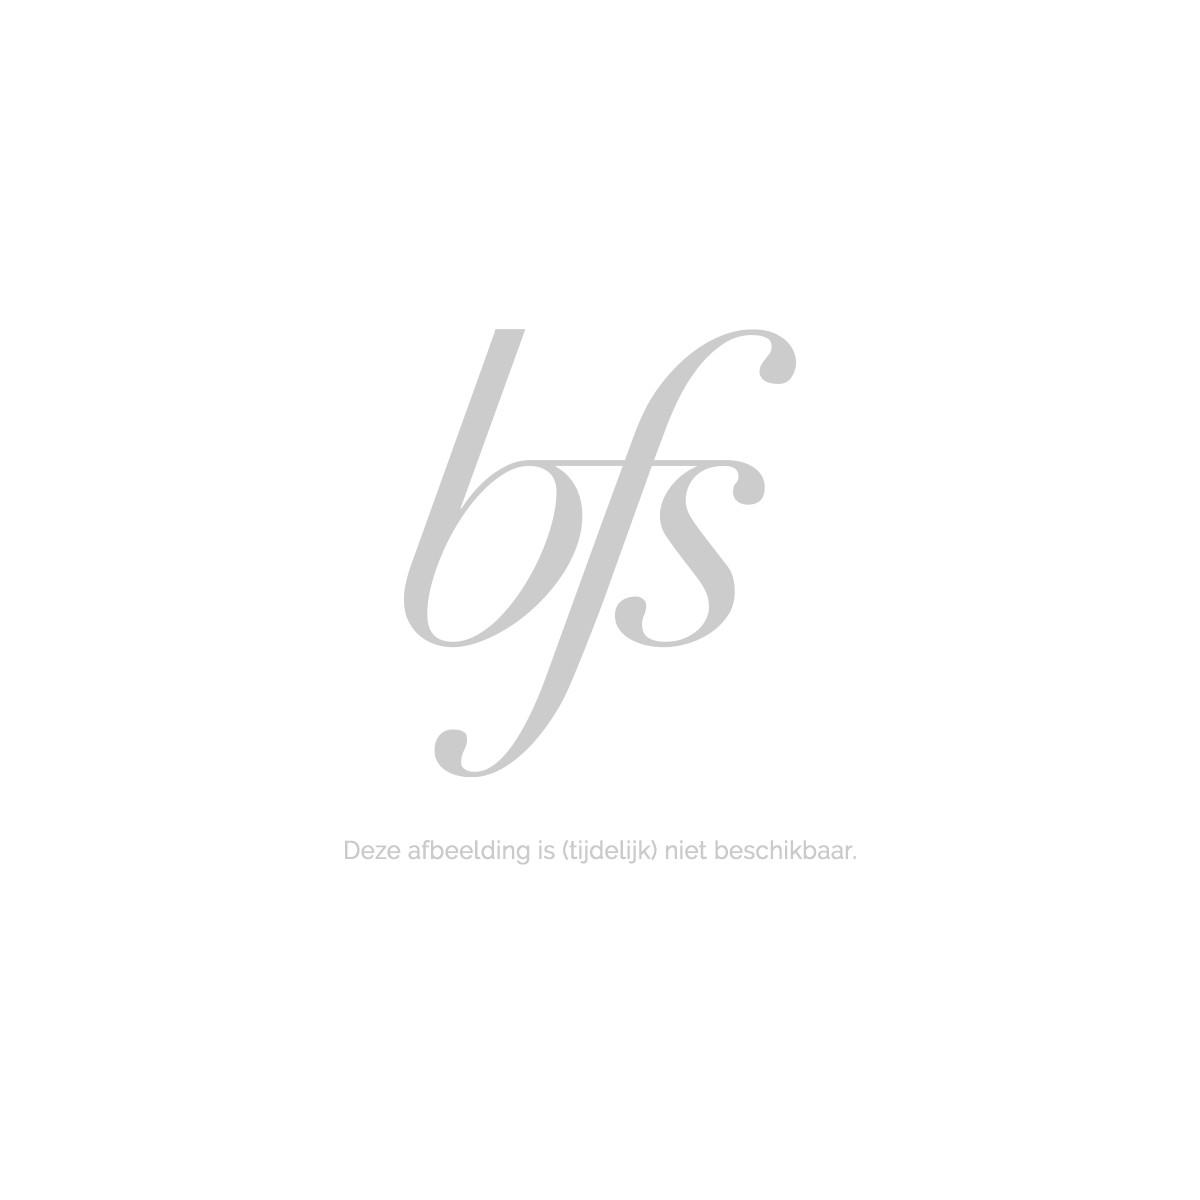 Rimmel 60 Seconds Supershine Nailpolish Rita Ora Collection